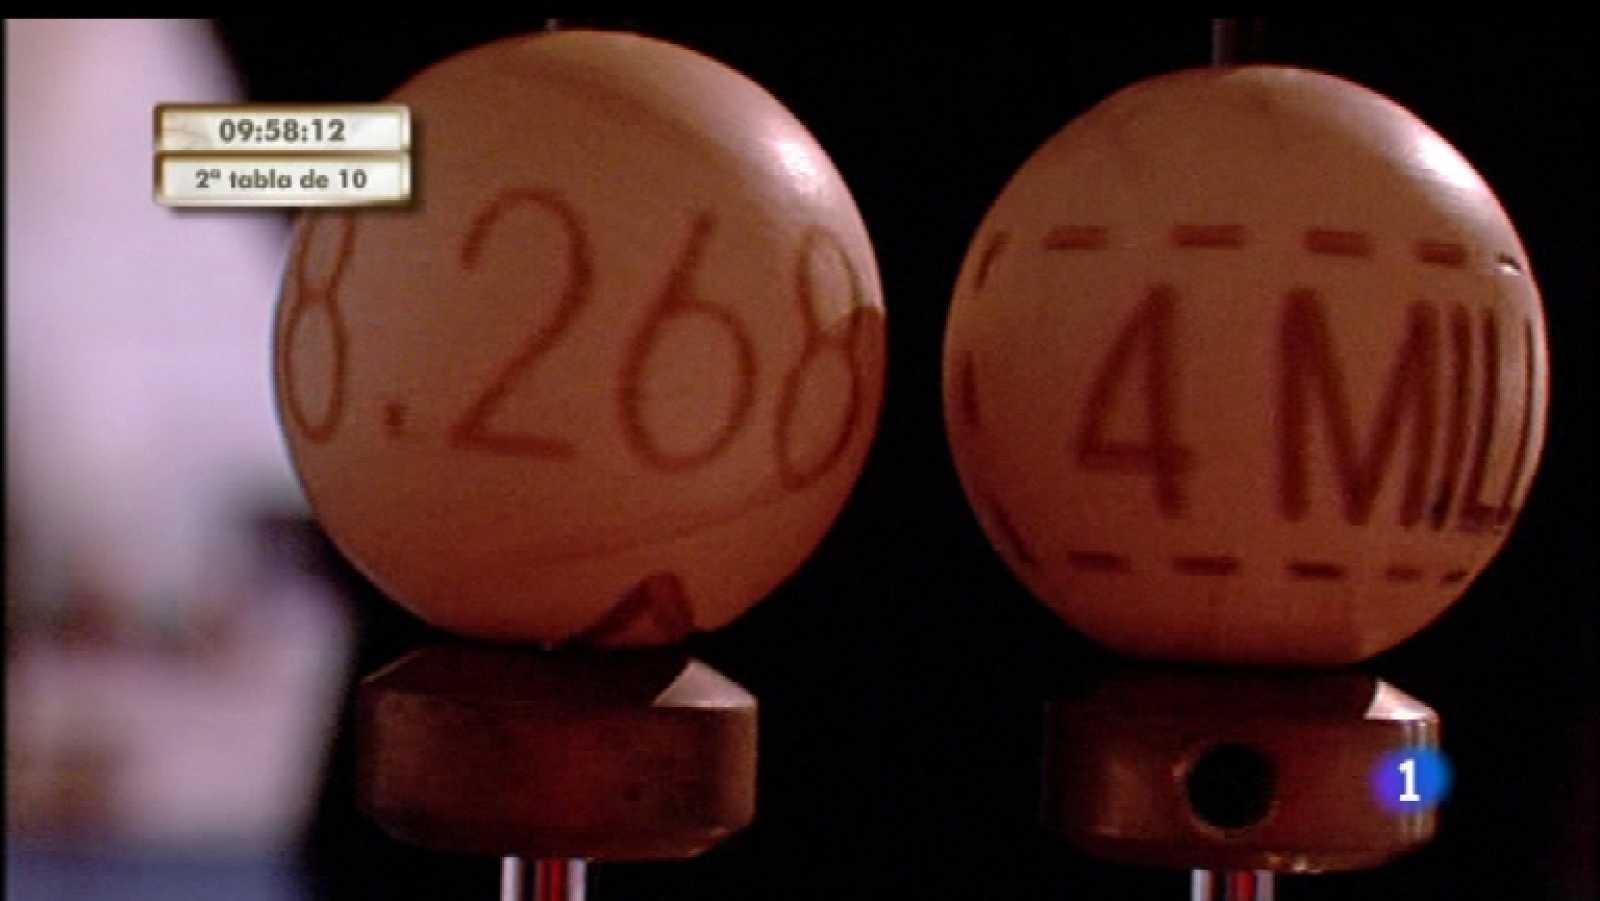 Especial informativo - Sorteo de la Lotería de Navidad 2011 - Segunda hora - Ver ahora